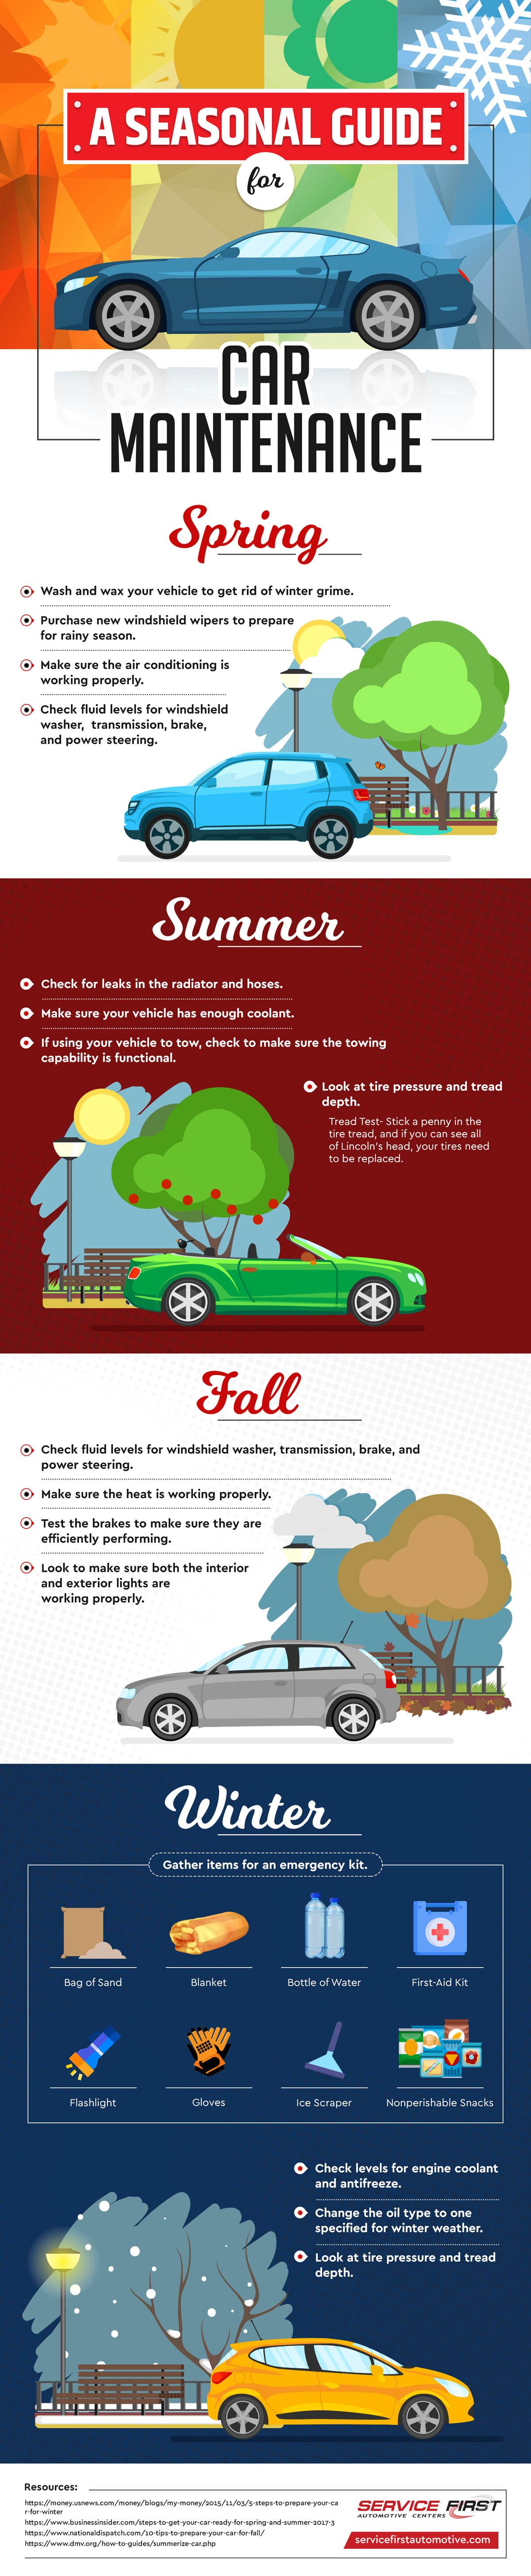 Seasonal Guide for Car Maintenance